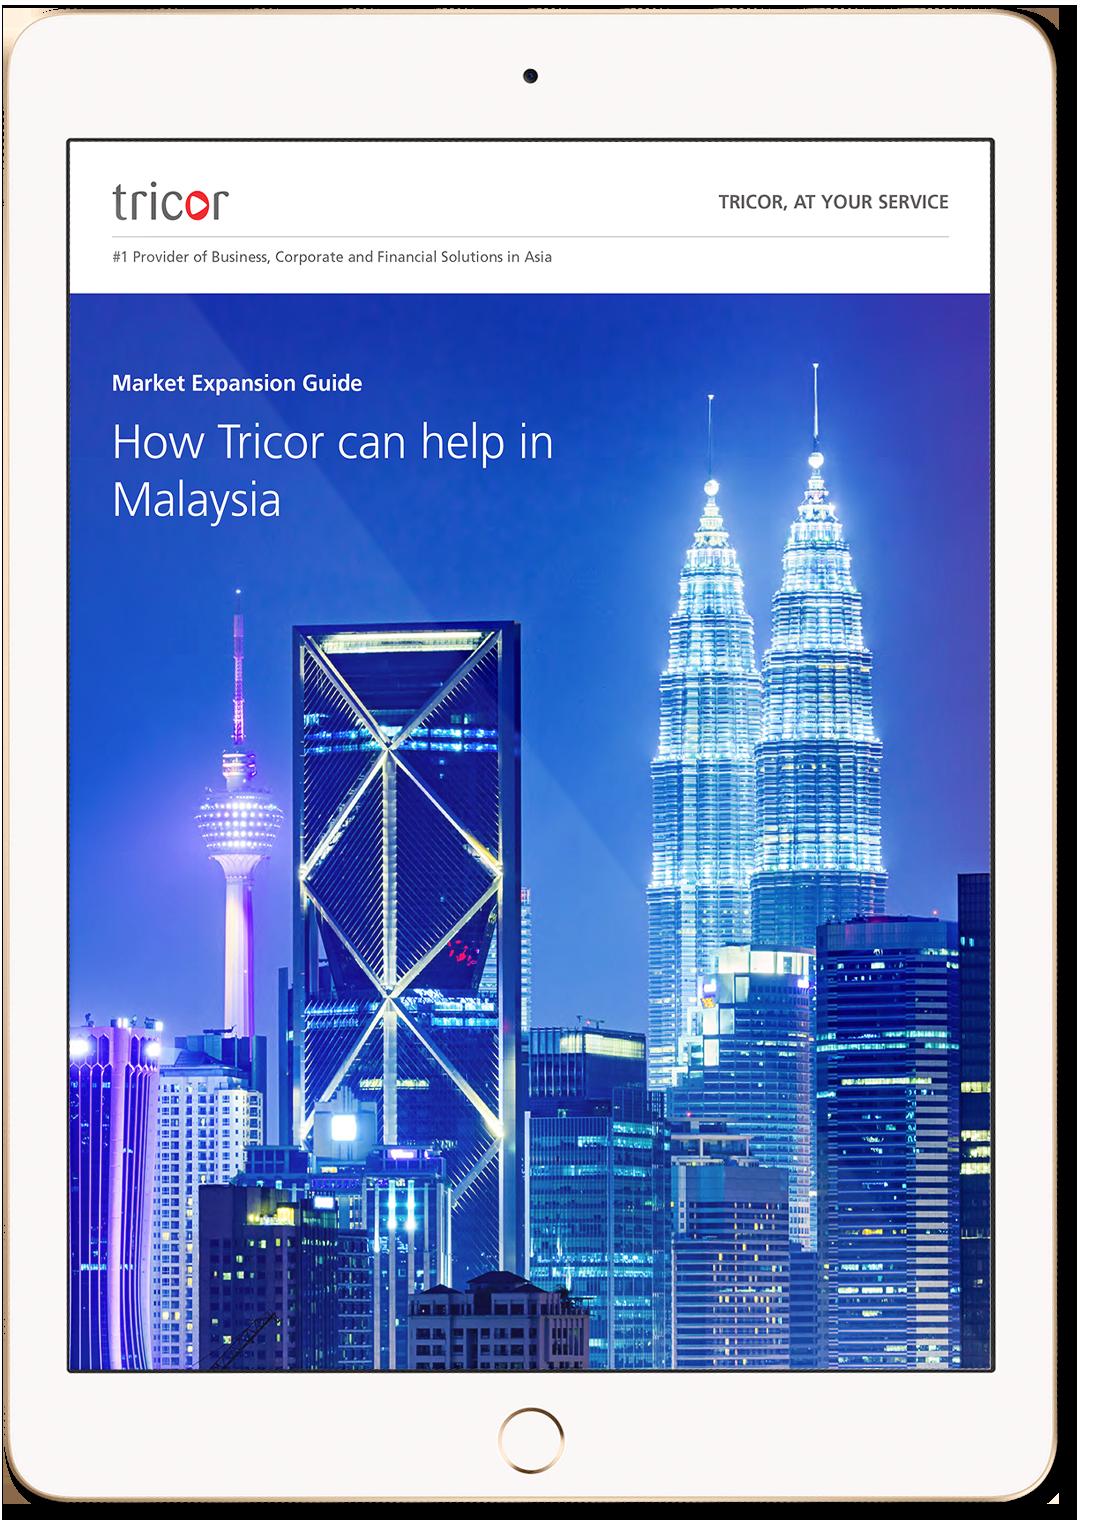 Tricor-iPad-Mockup